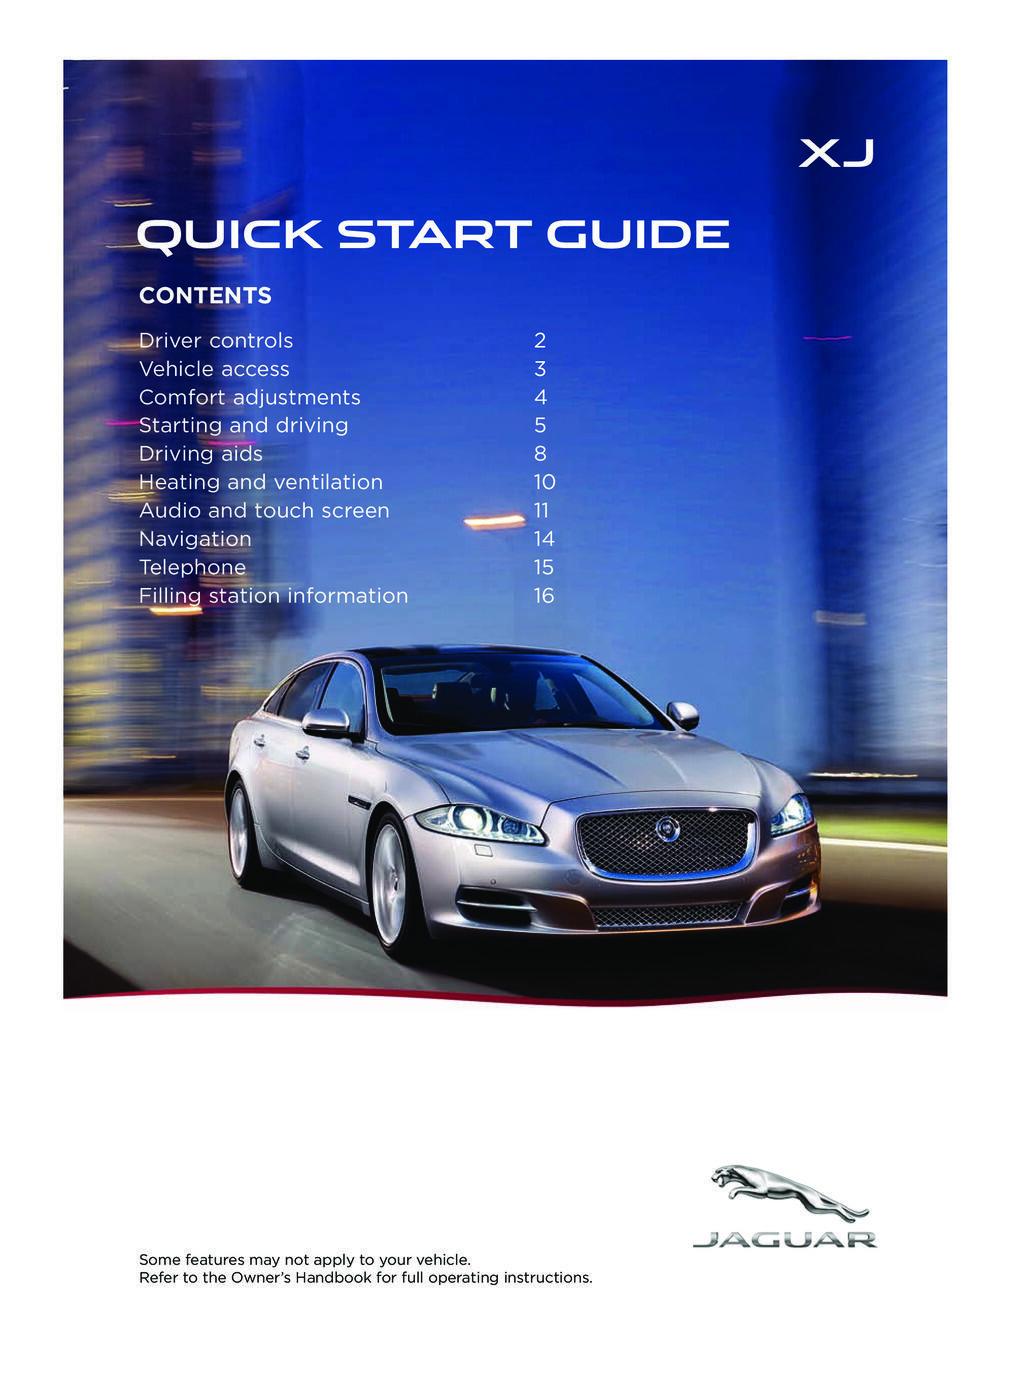 2014 Jaguar Xj owners manual